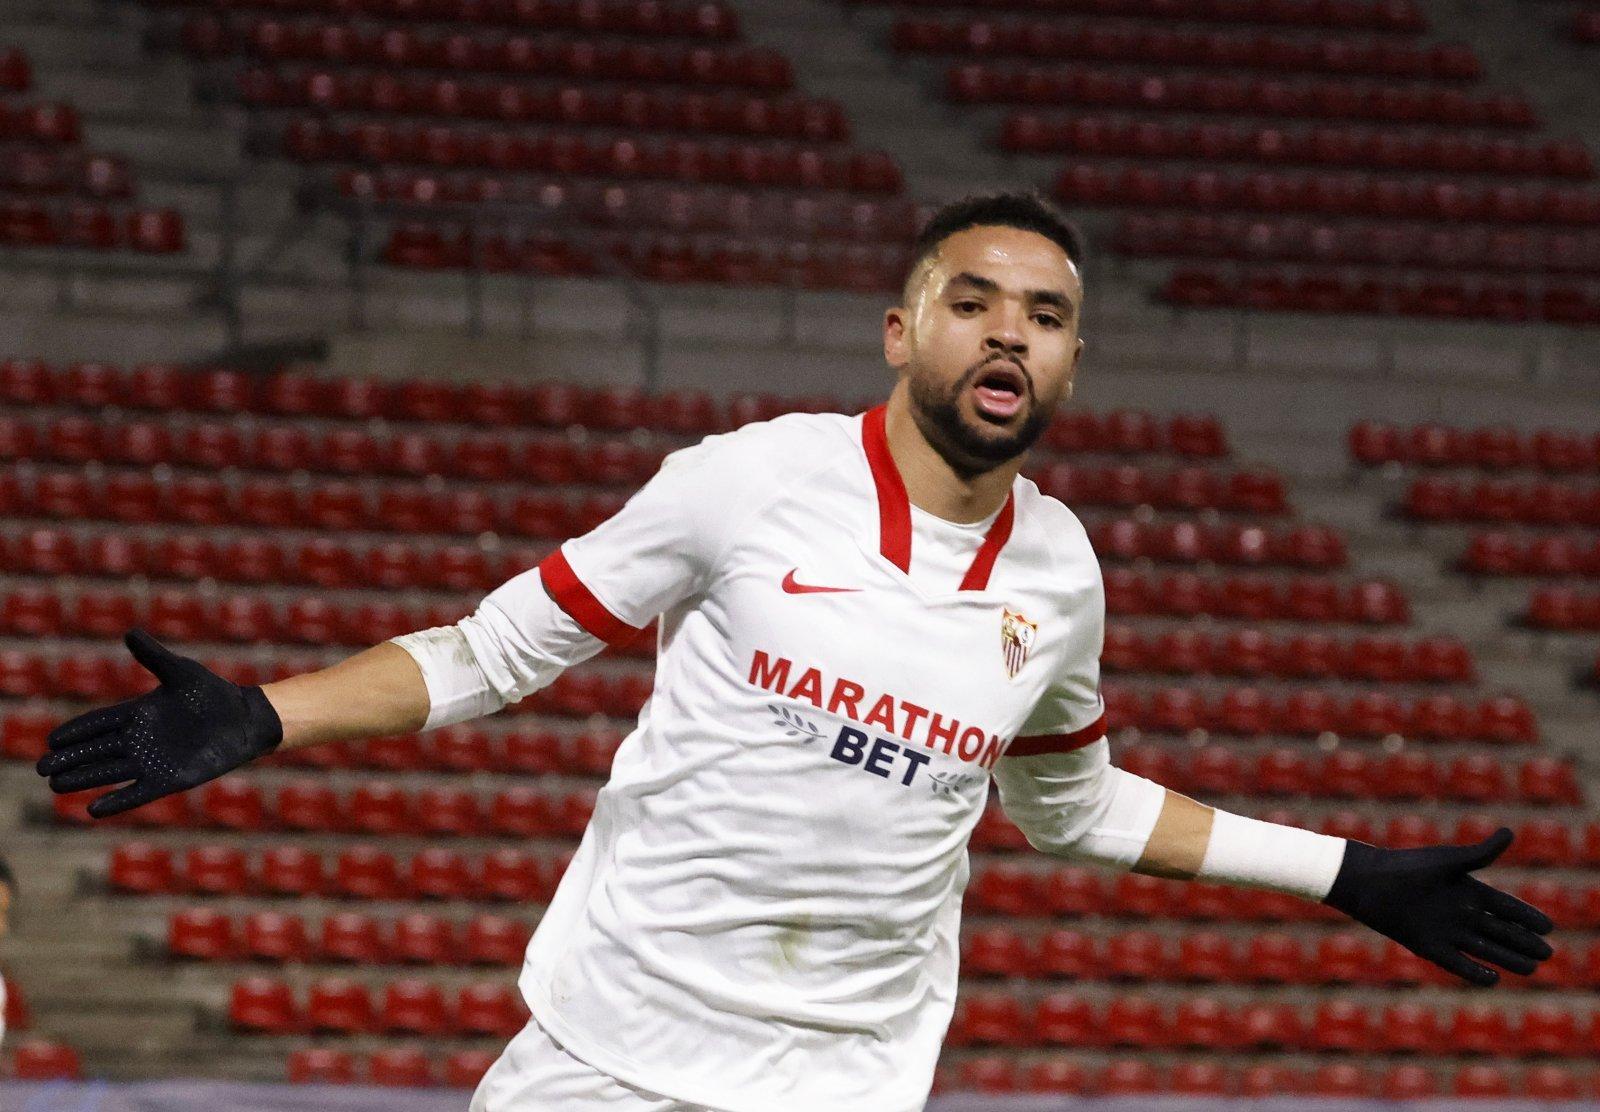 Sevilla-forward-youssef-en-nesyri